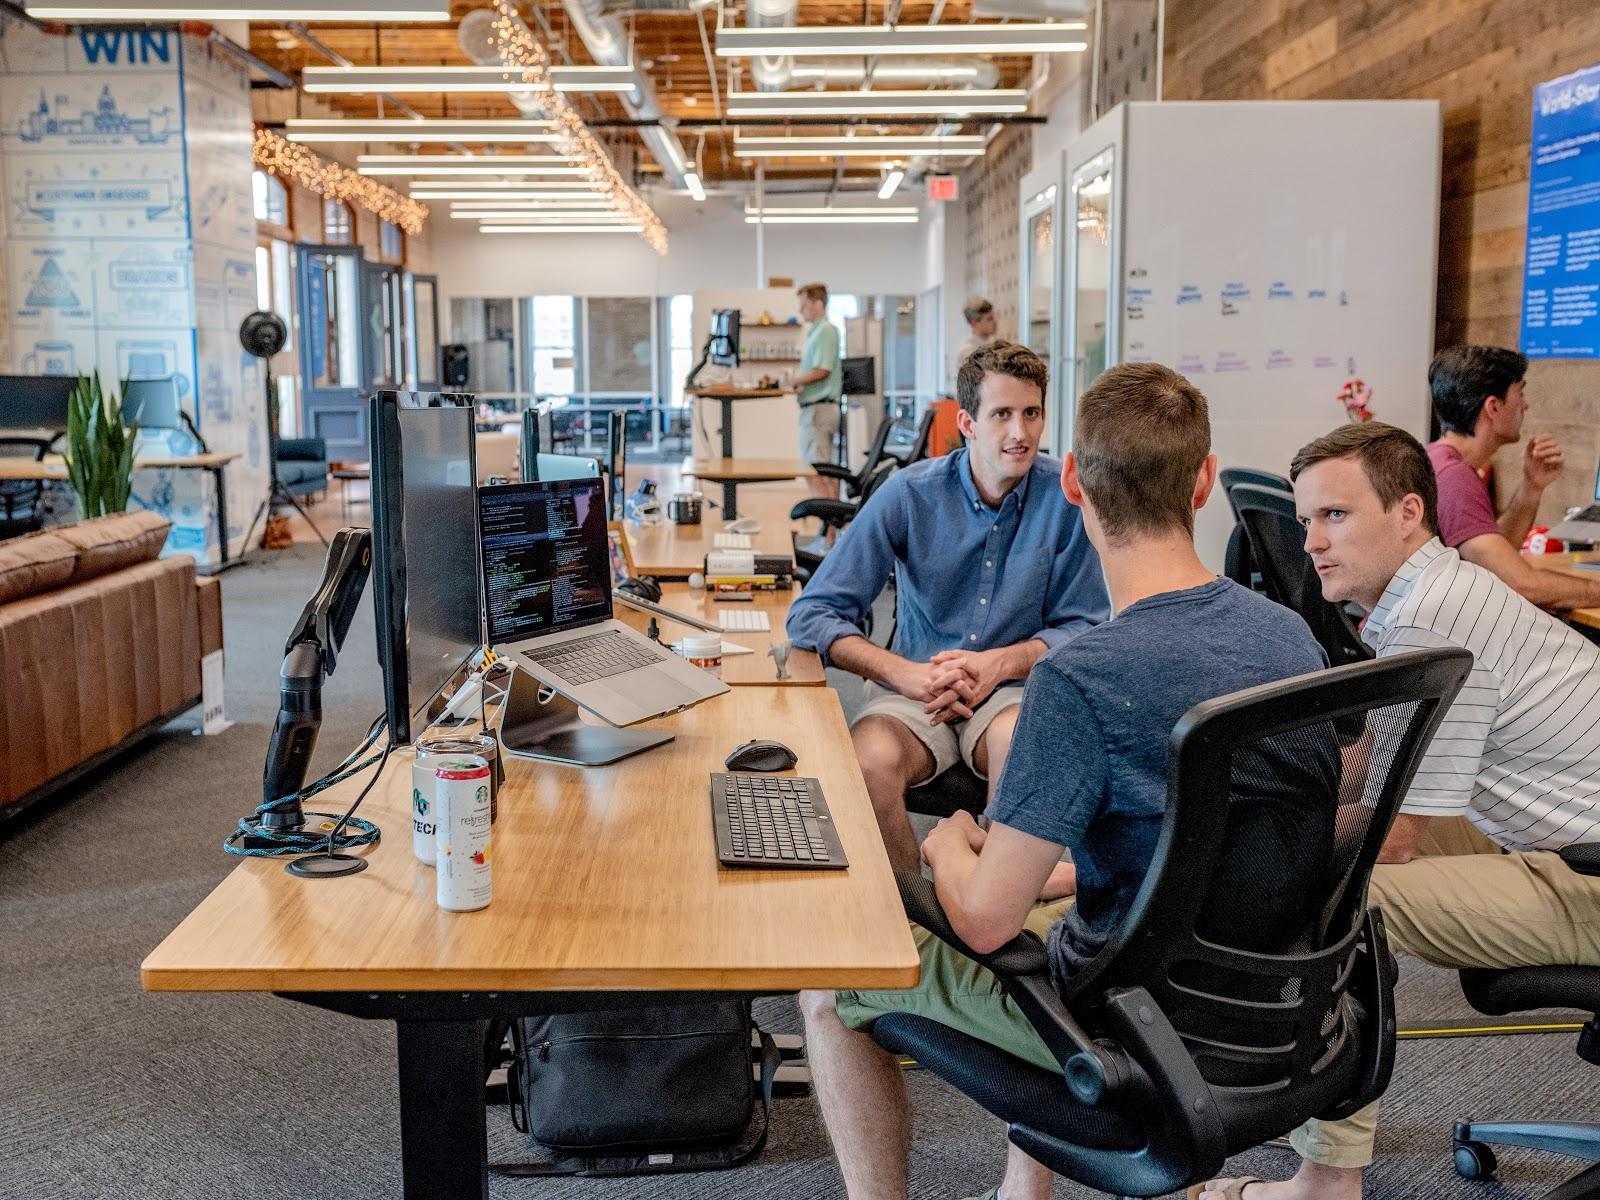 Startup employees talking